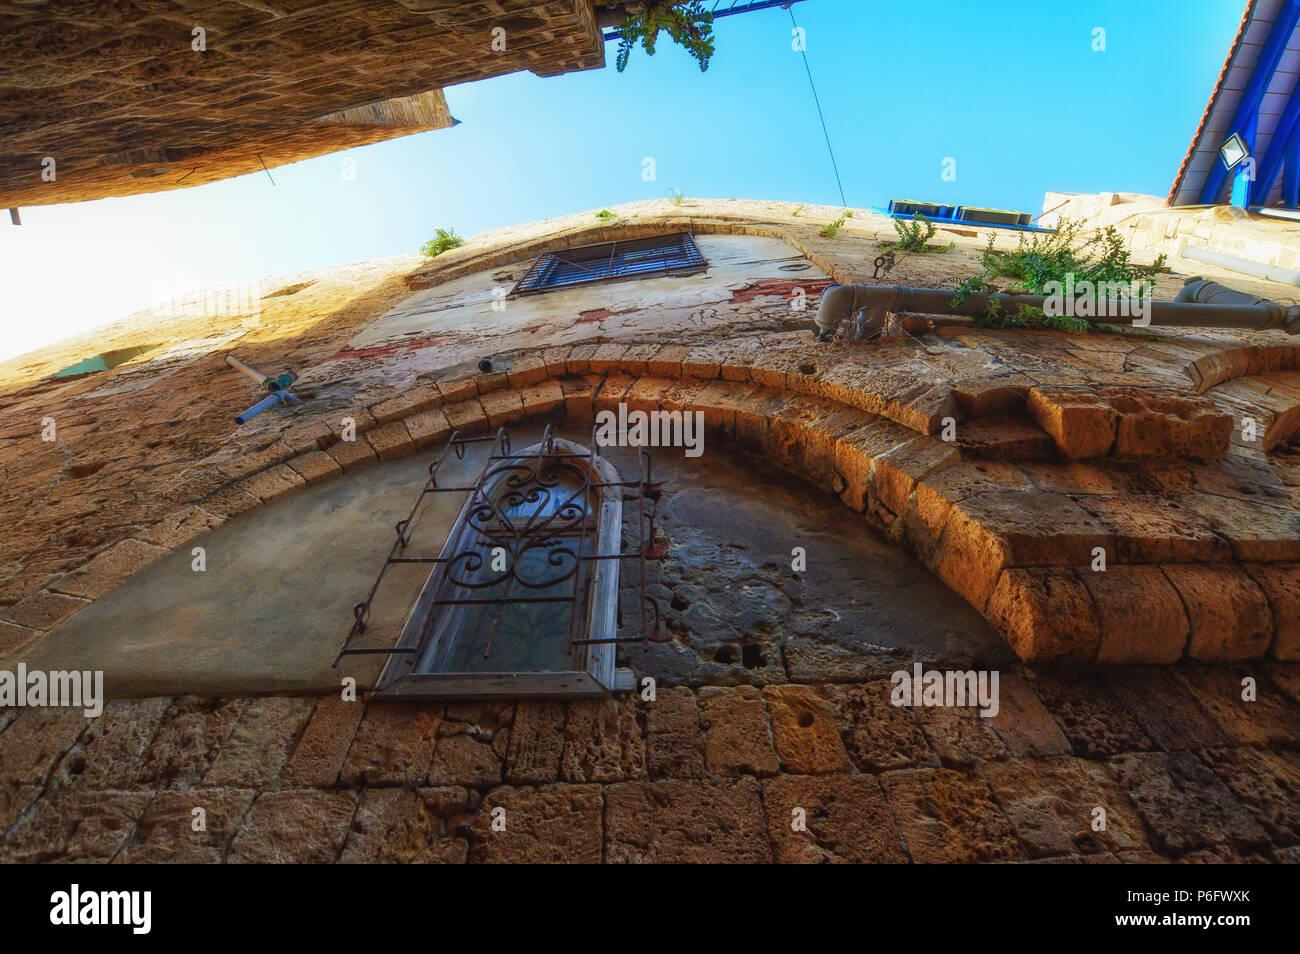 Tel Aviv, Israel, alten gepflasterten Straßen im Arabischen Stil in der Altstadt von Jaffa. Stockfoto